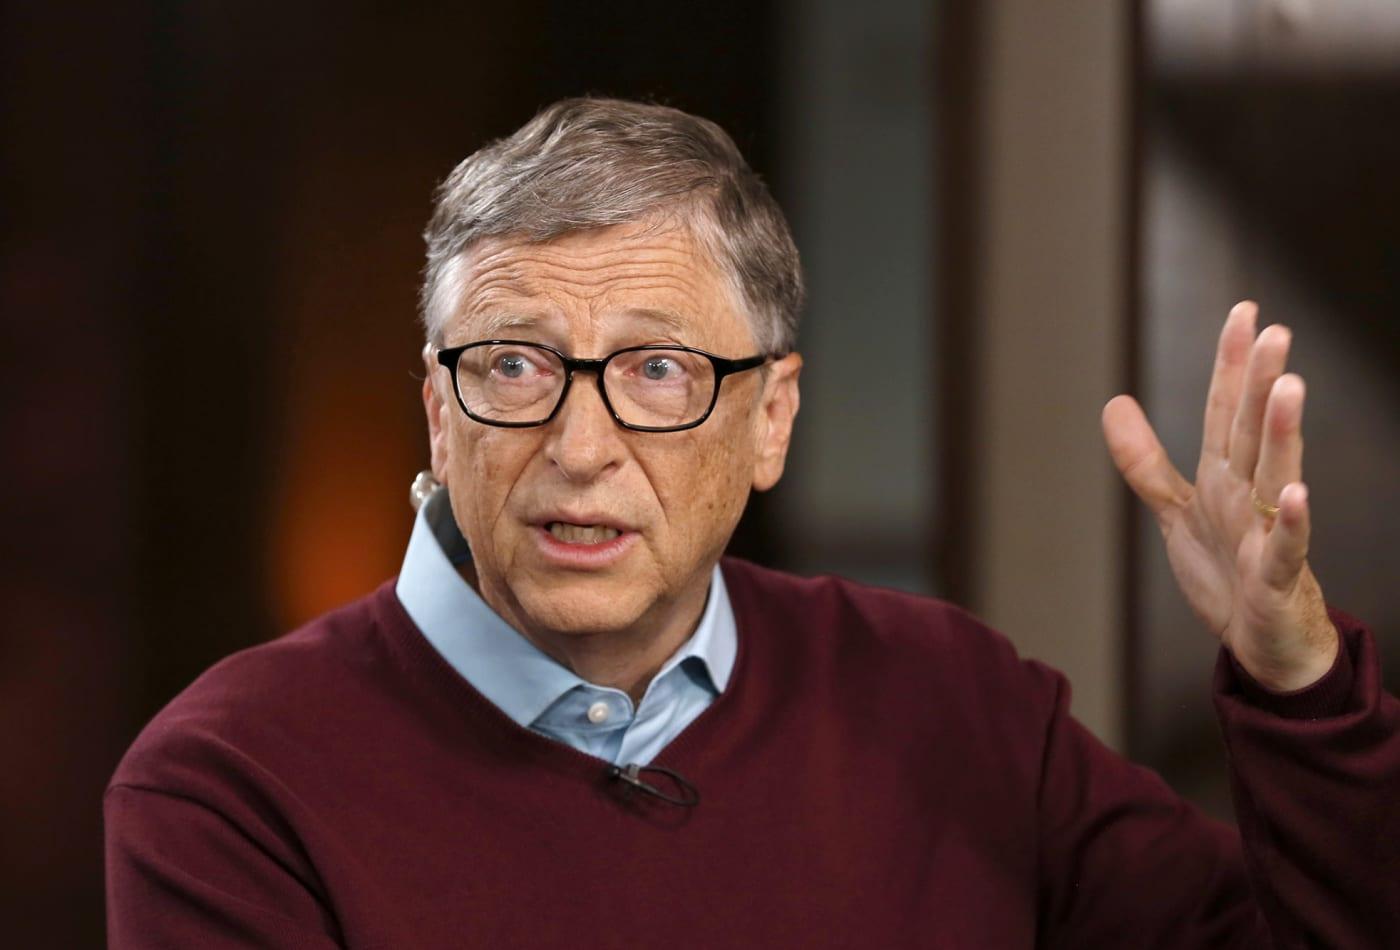 Bill Gates coronavirus conspiracy